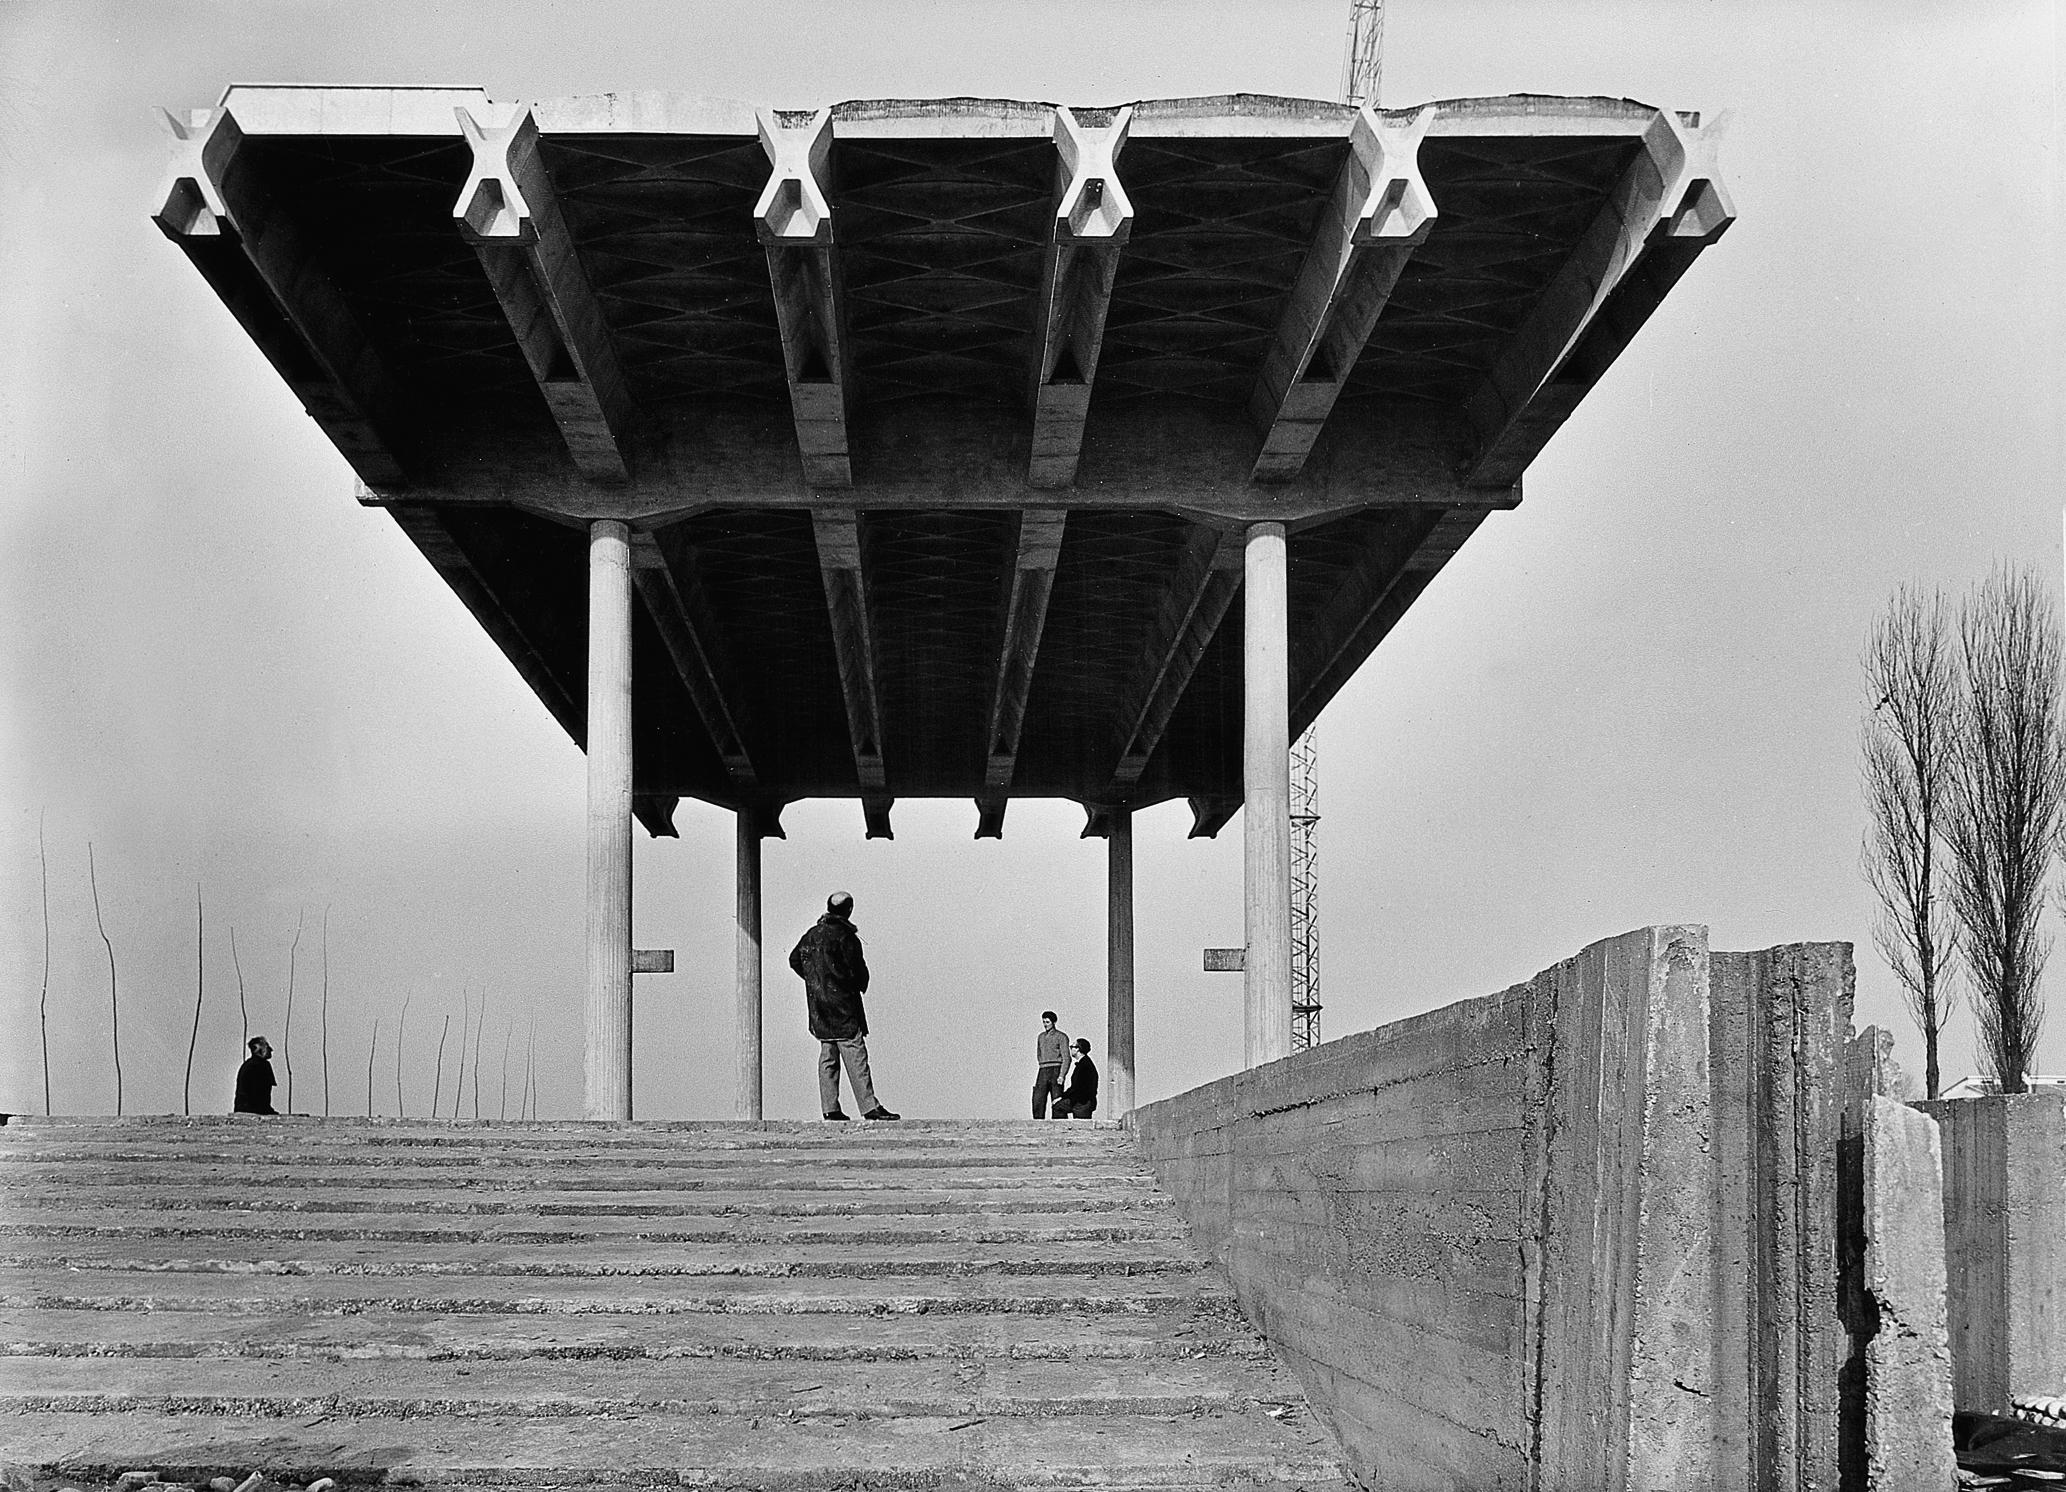 GIZMO » Architecture: research, criticism, books and news » angelo mangiarotti